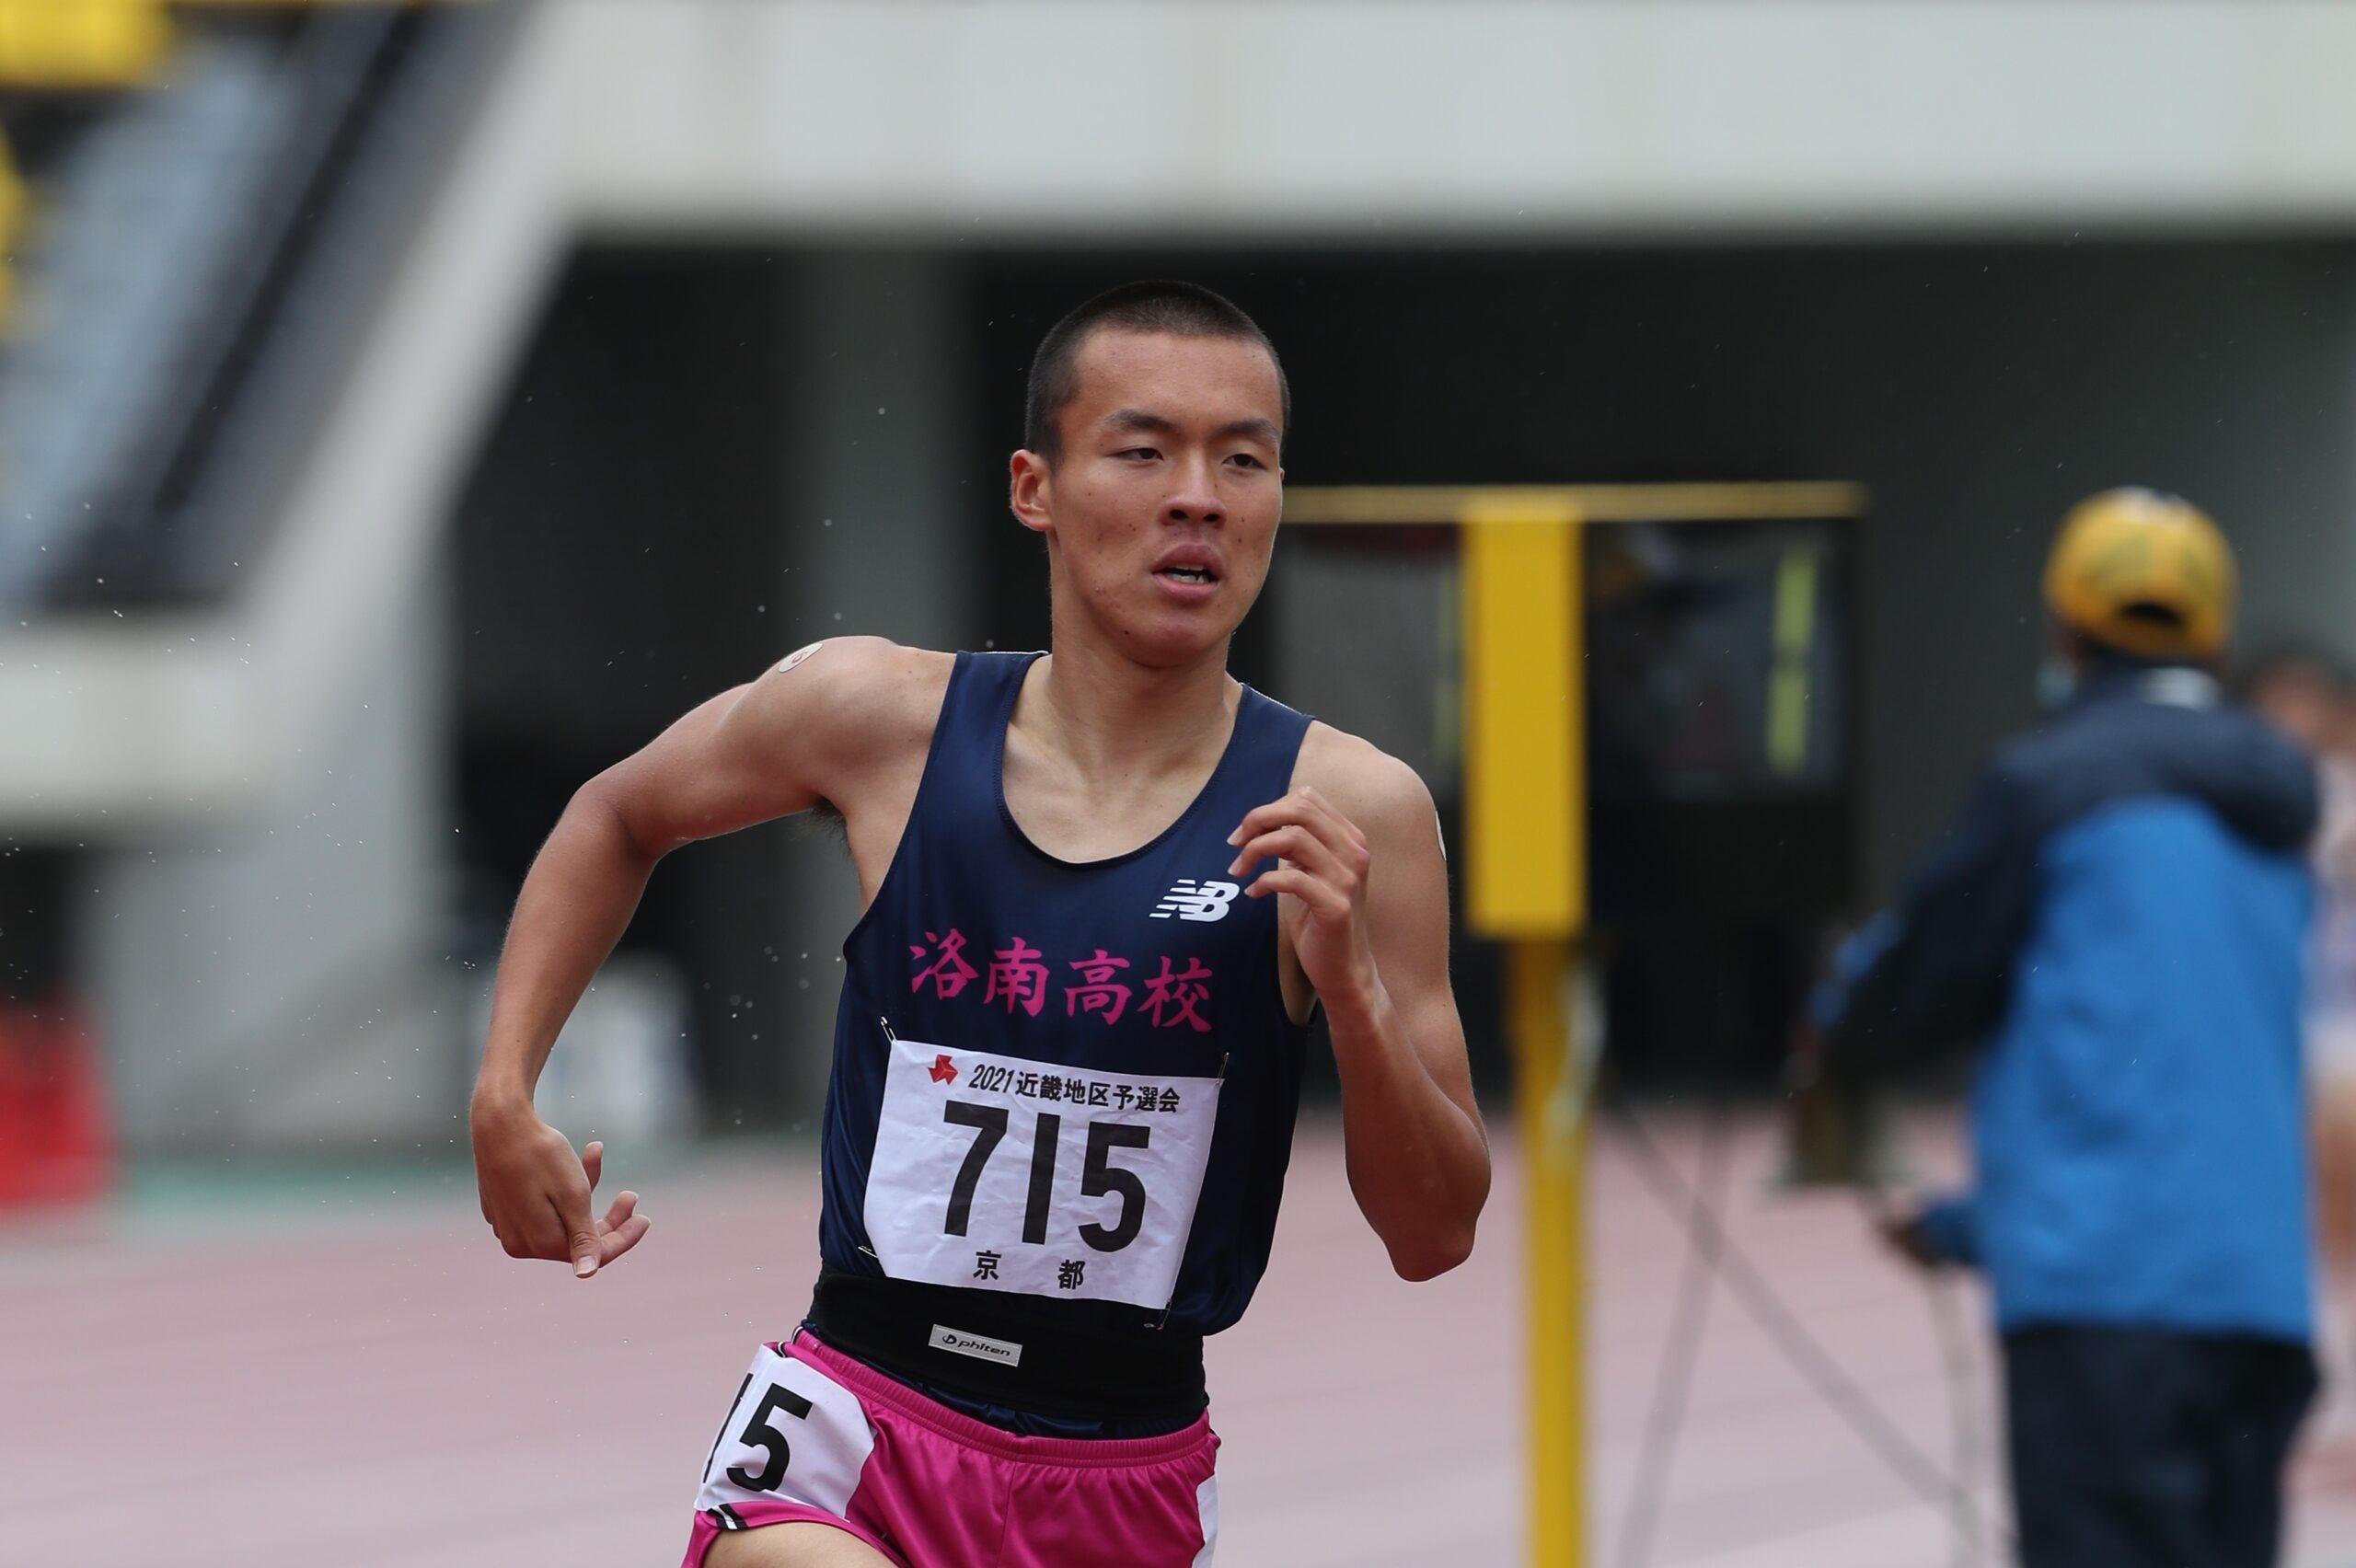 洛南高・佐藤圭汰が男子1500mで22年ぶり特大高校新の3分37秒18!!!/ホクレン千歳大会